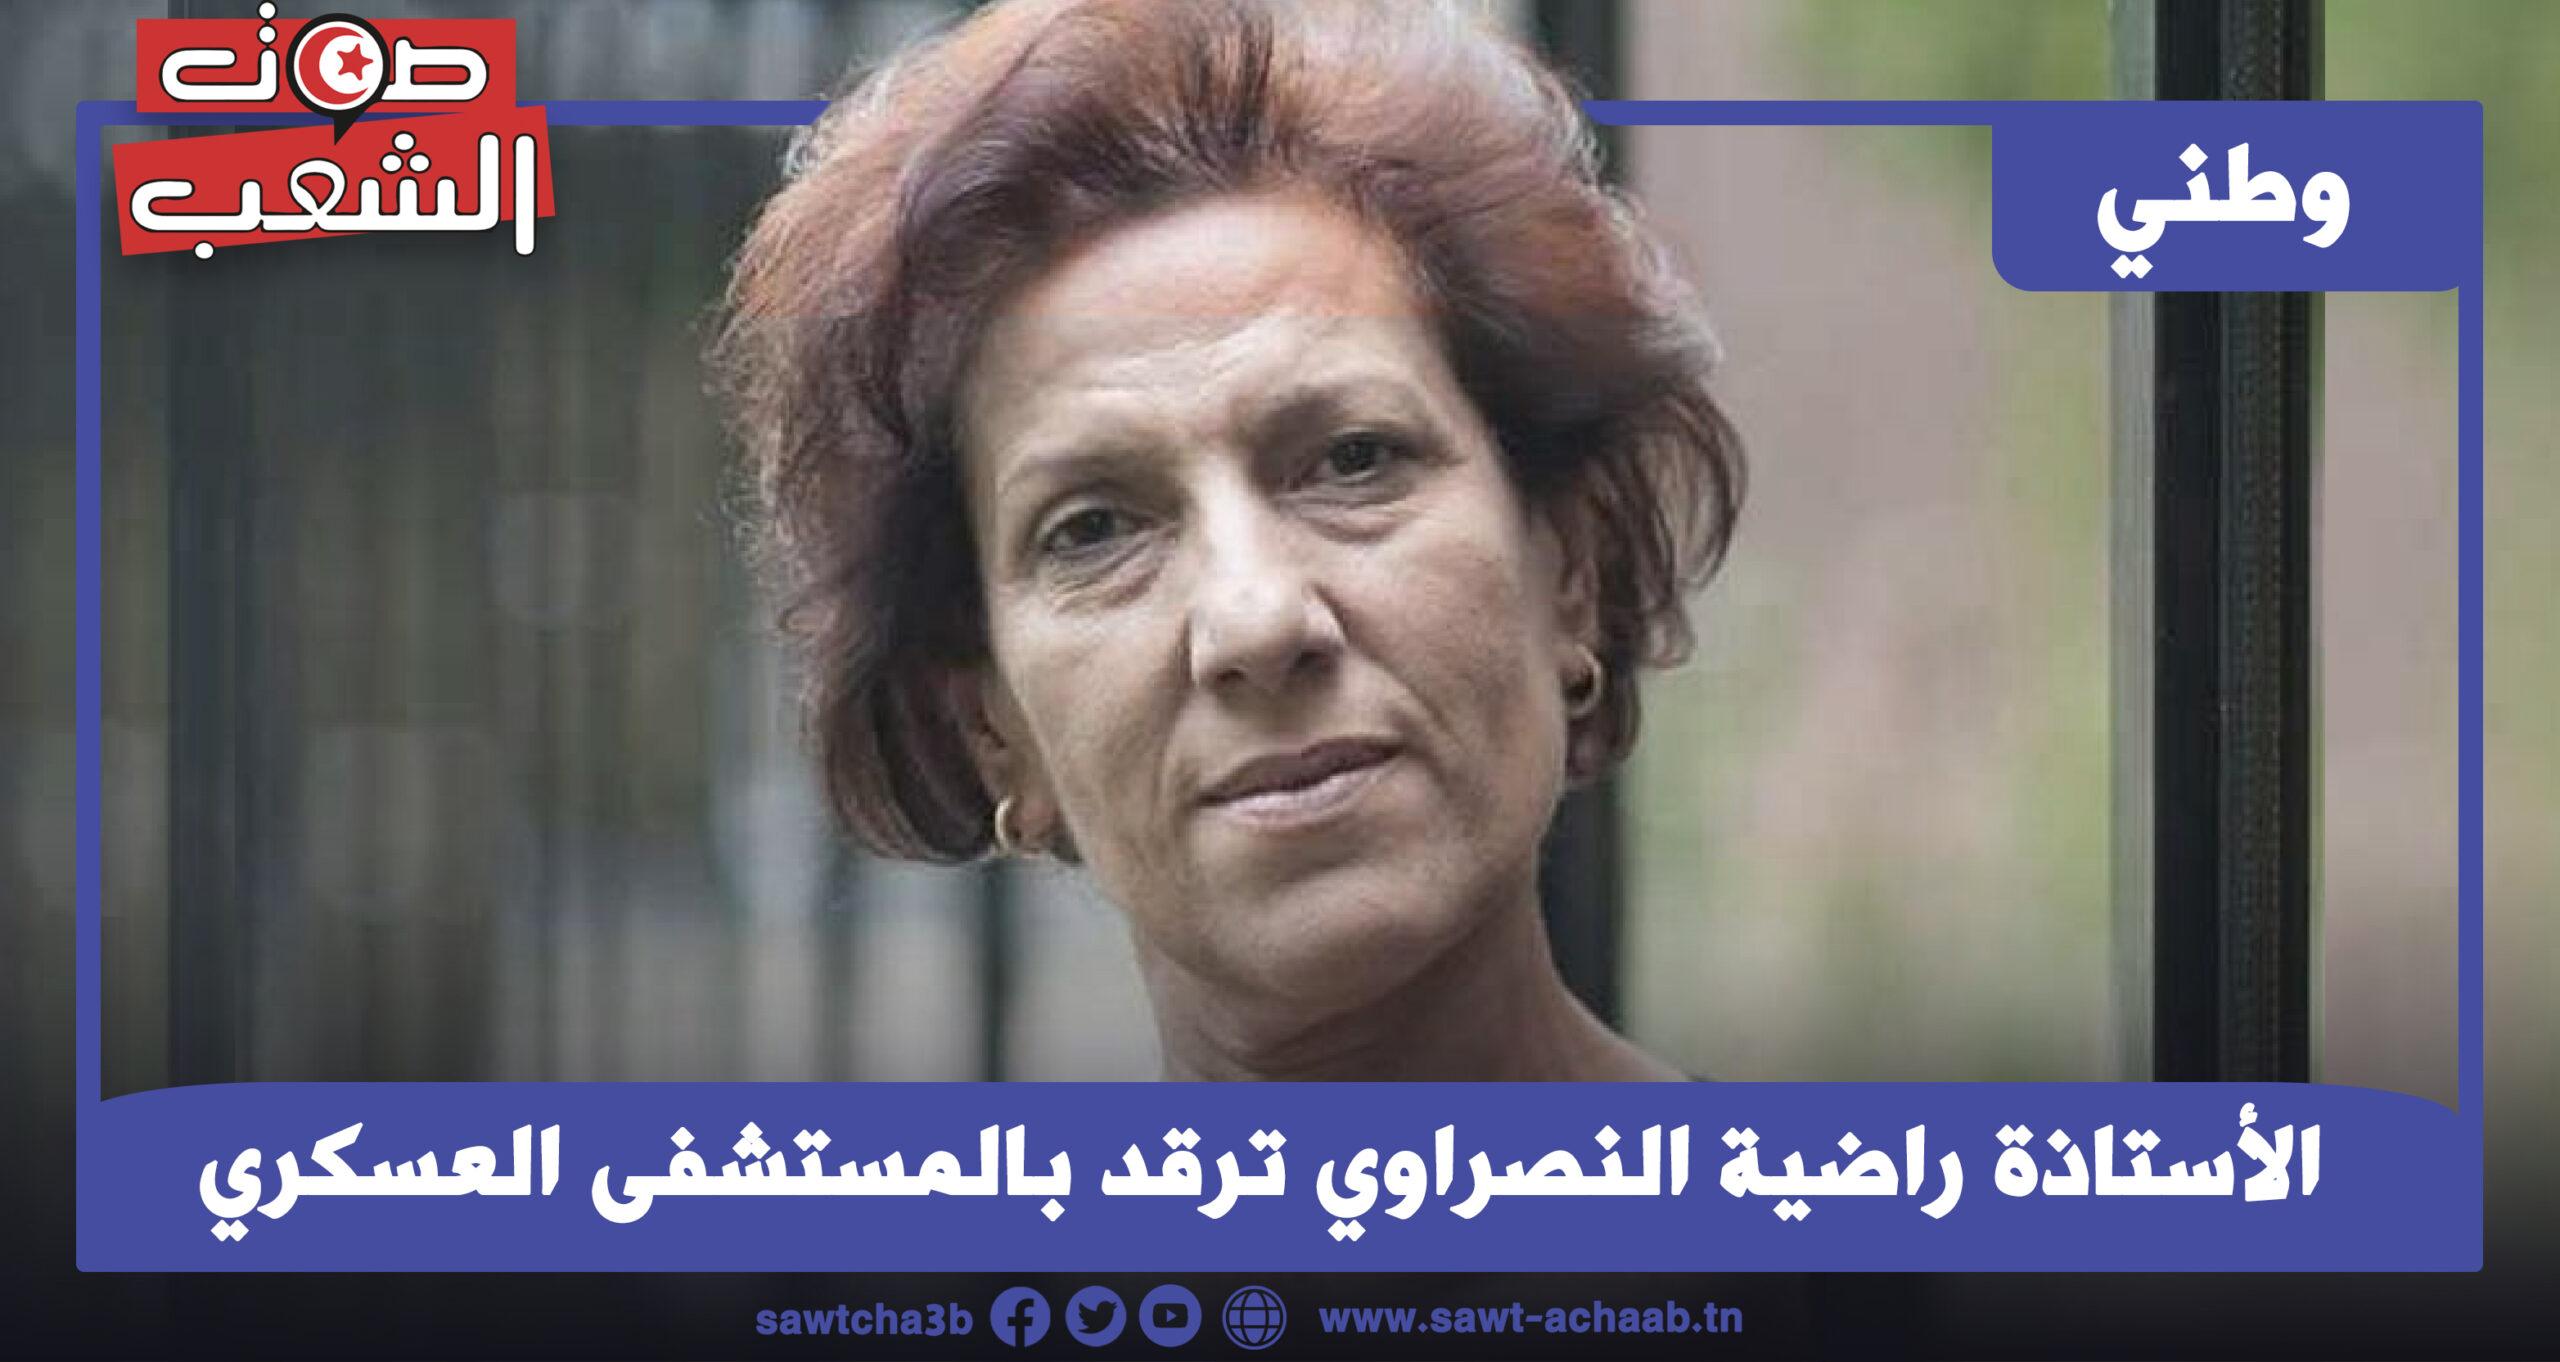 الأستاذة راضية النصراوي ترقد بالمستشفى العسكري